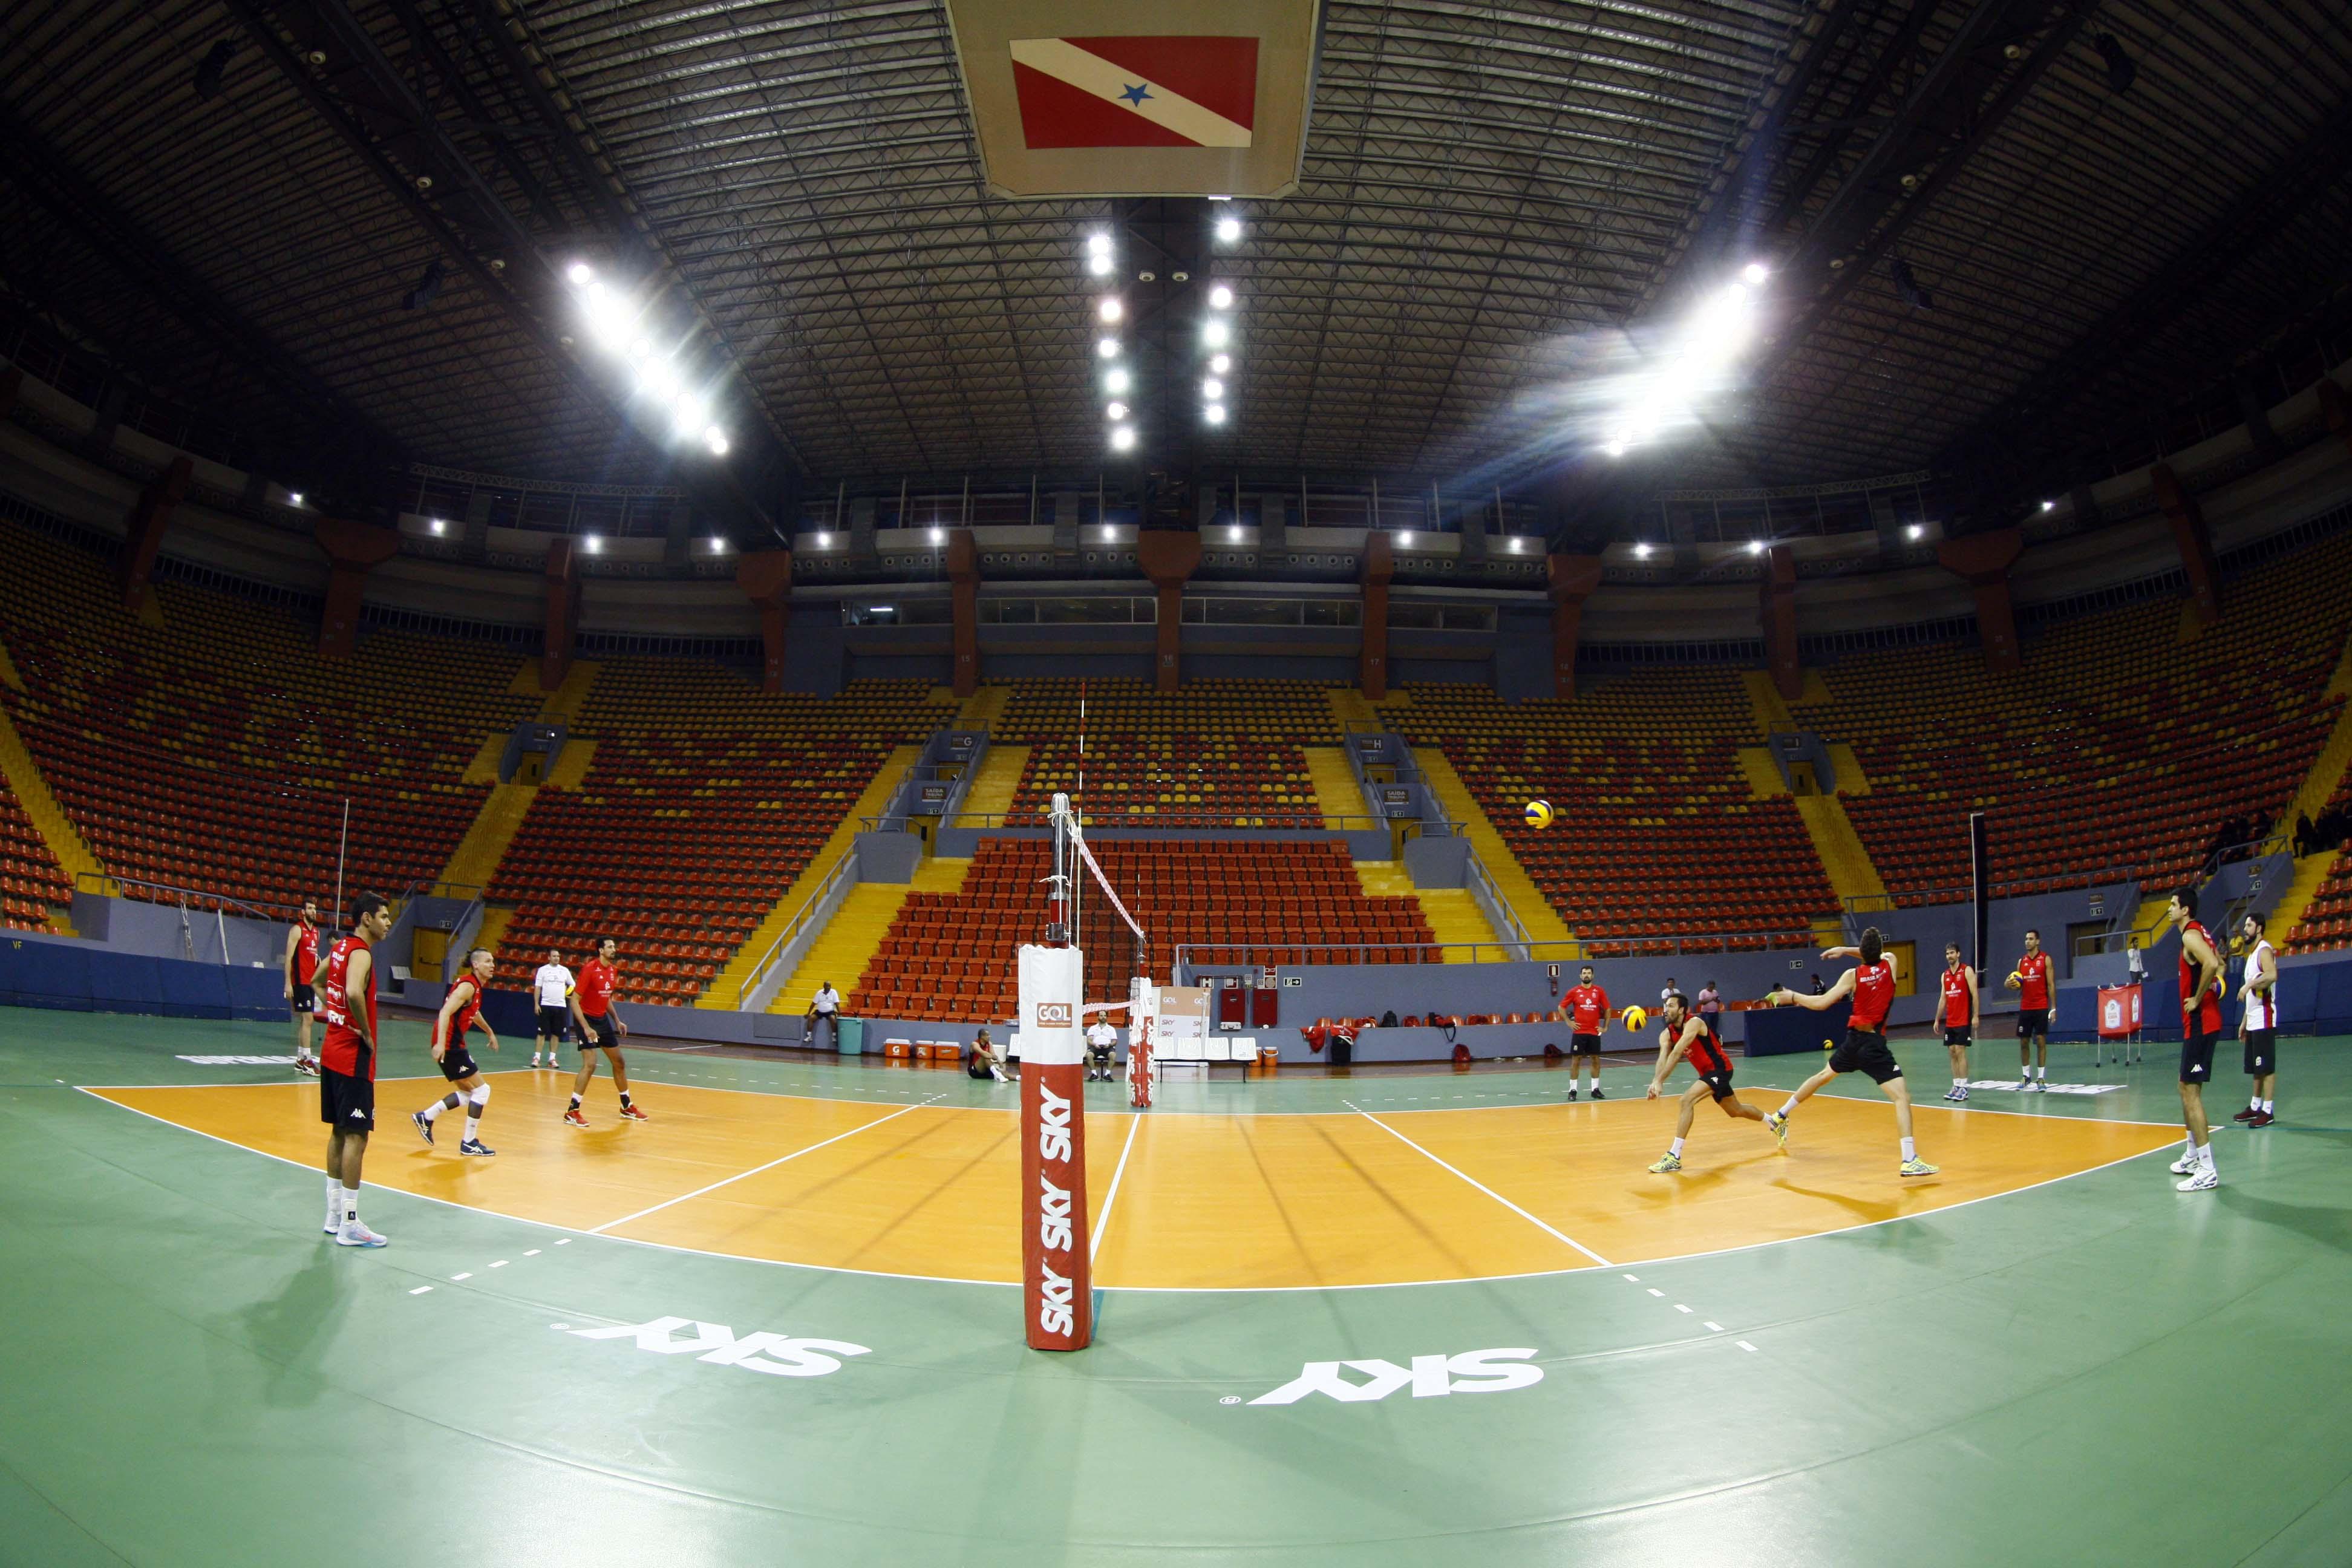 Vôlei Brasil Kirin e Sesi-SP fazem jogo inédito em Belém